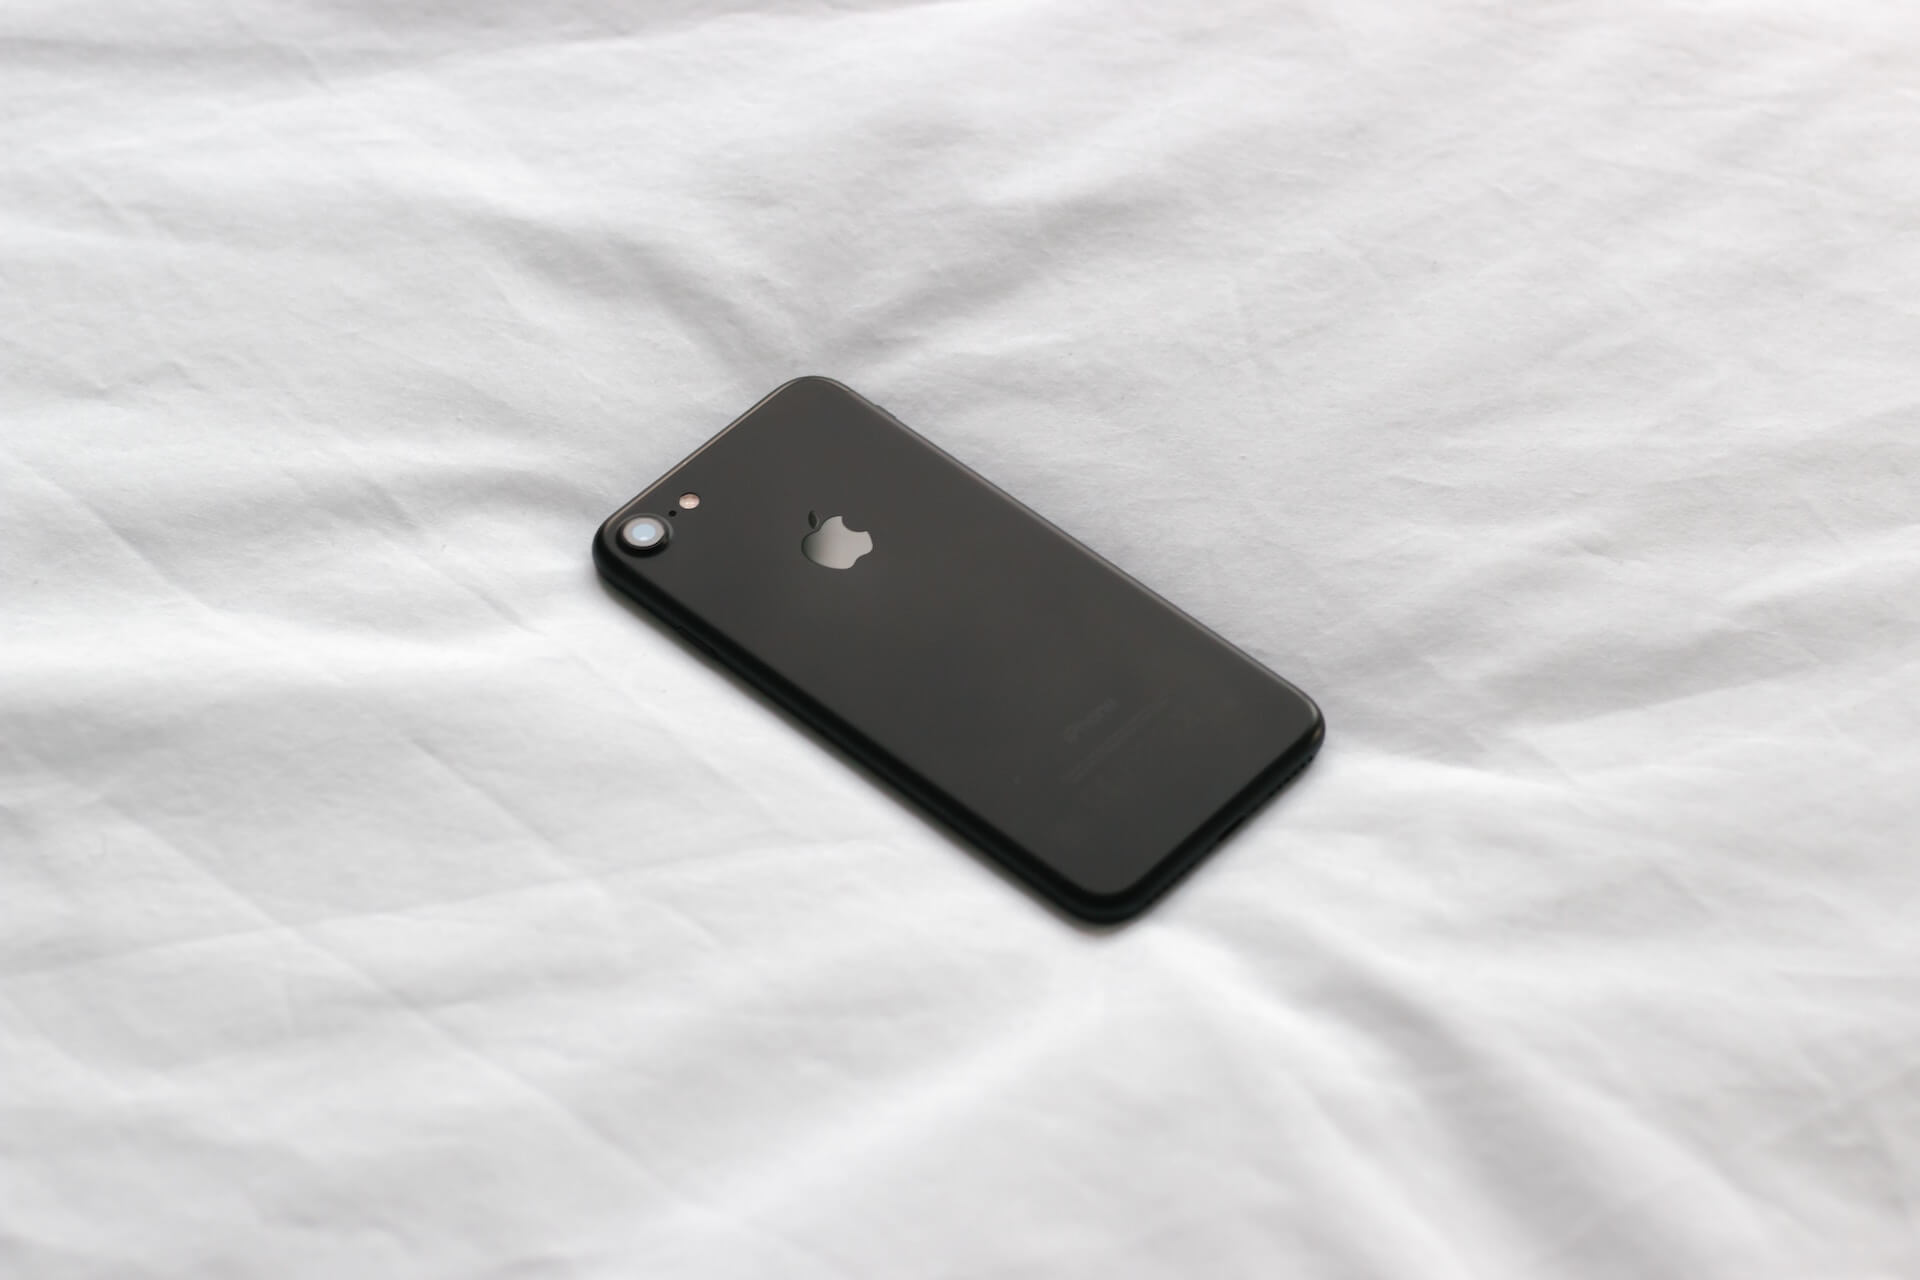 来年発売とうわさのiPhone SE 2はiPhone 8と同様のデザインに?著名アナリストが発表 tech191015_iphonese2_main